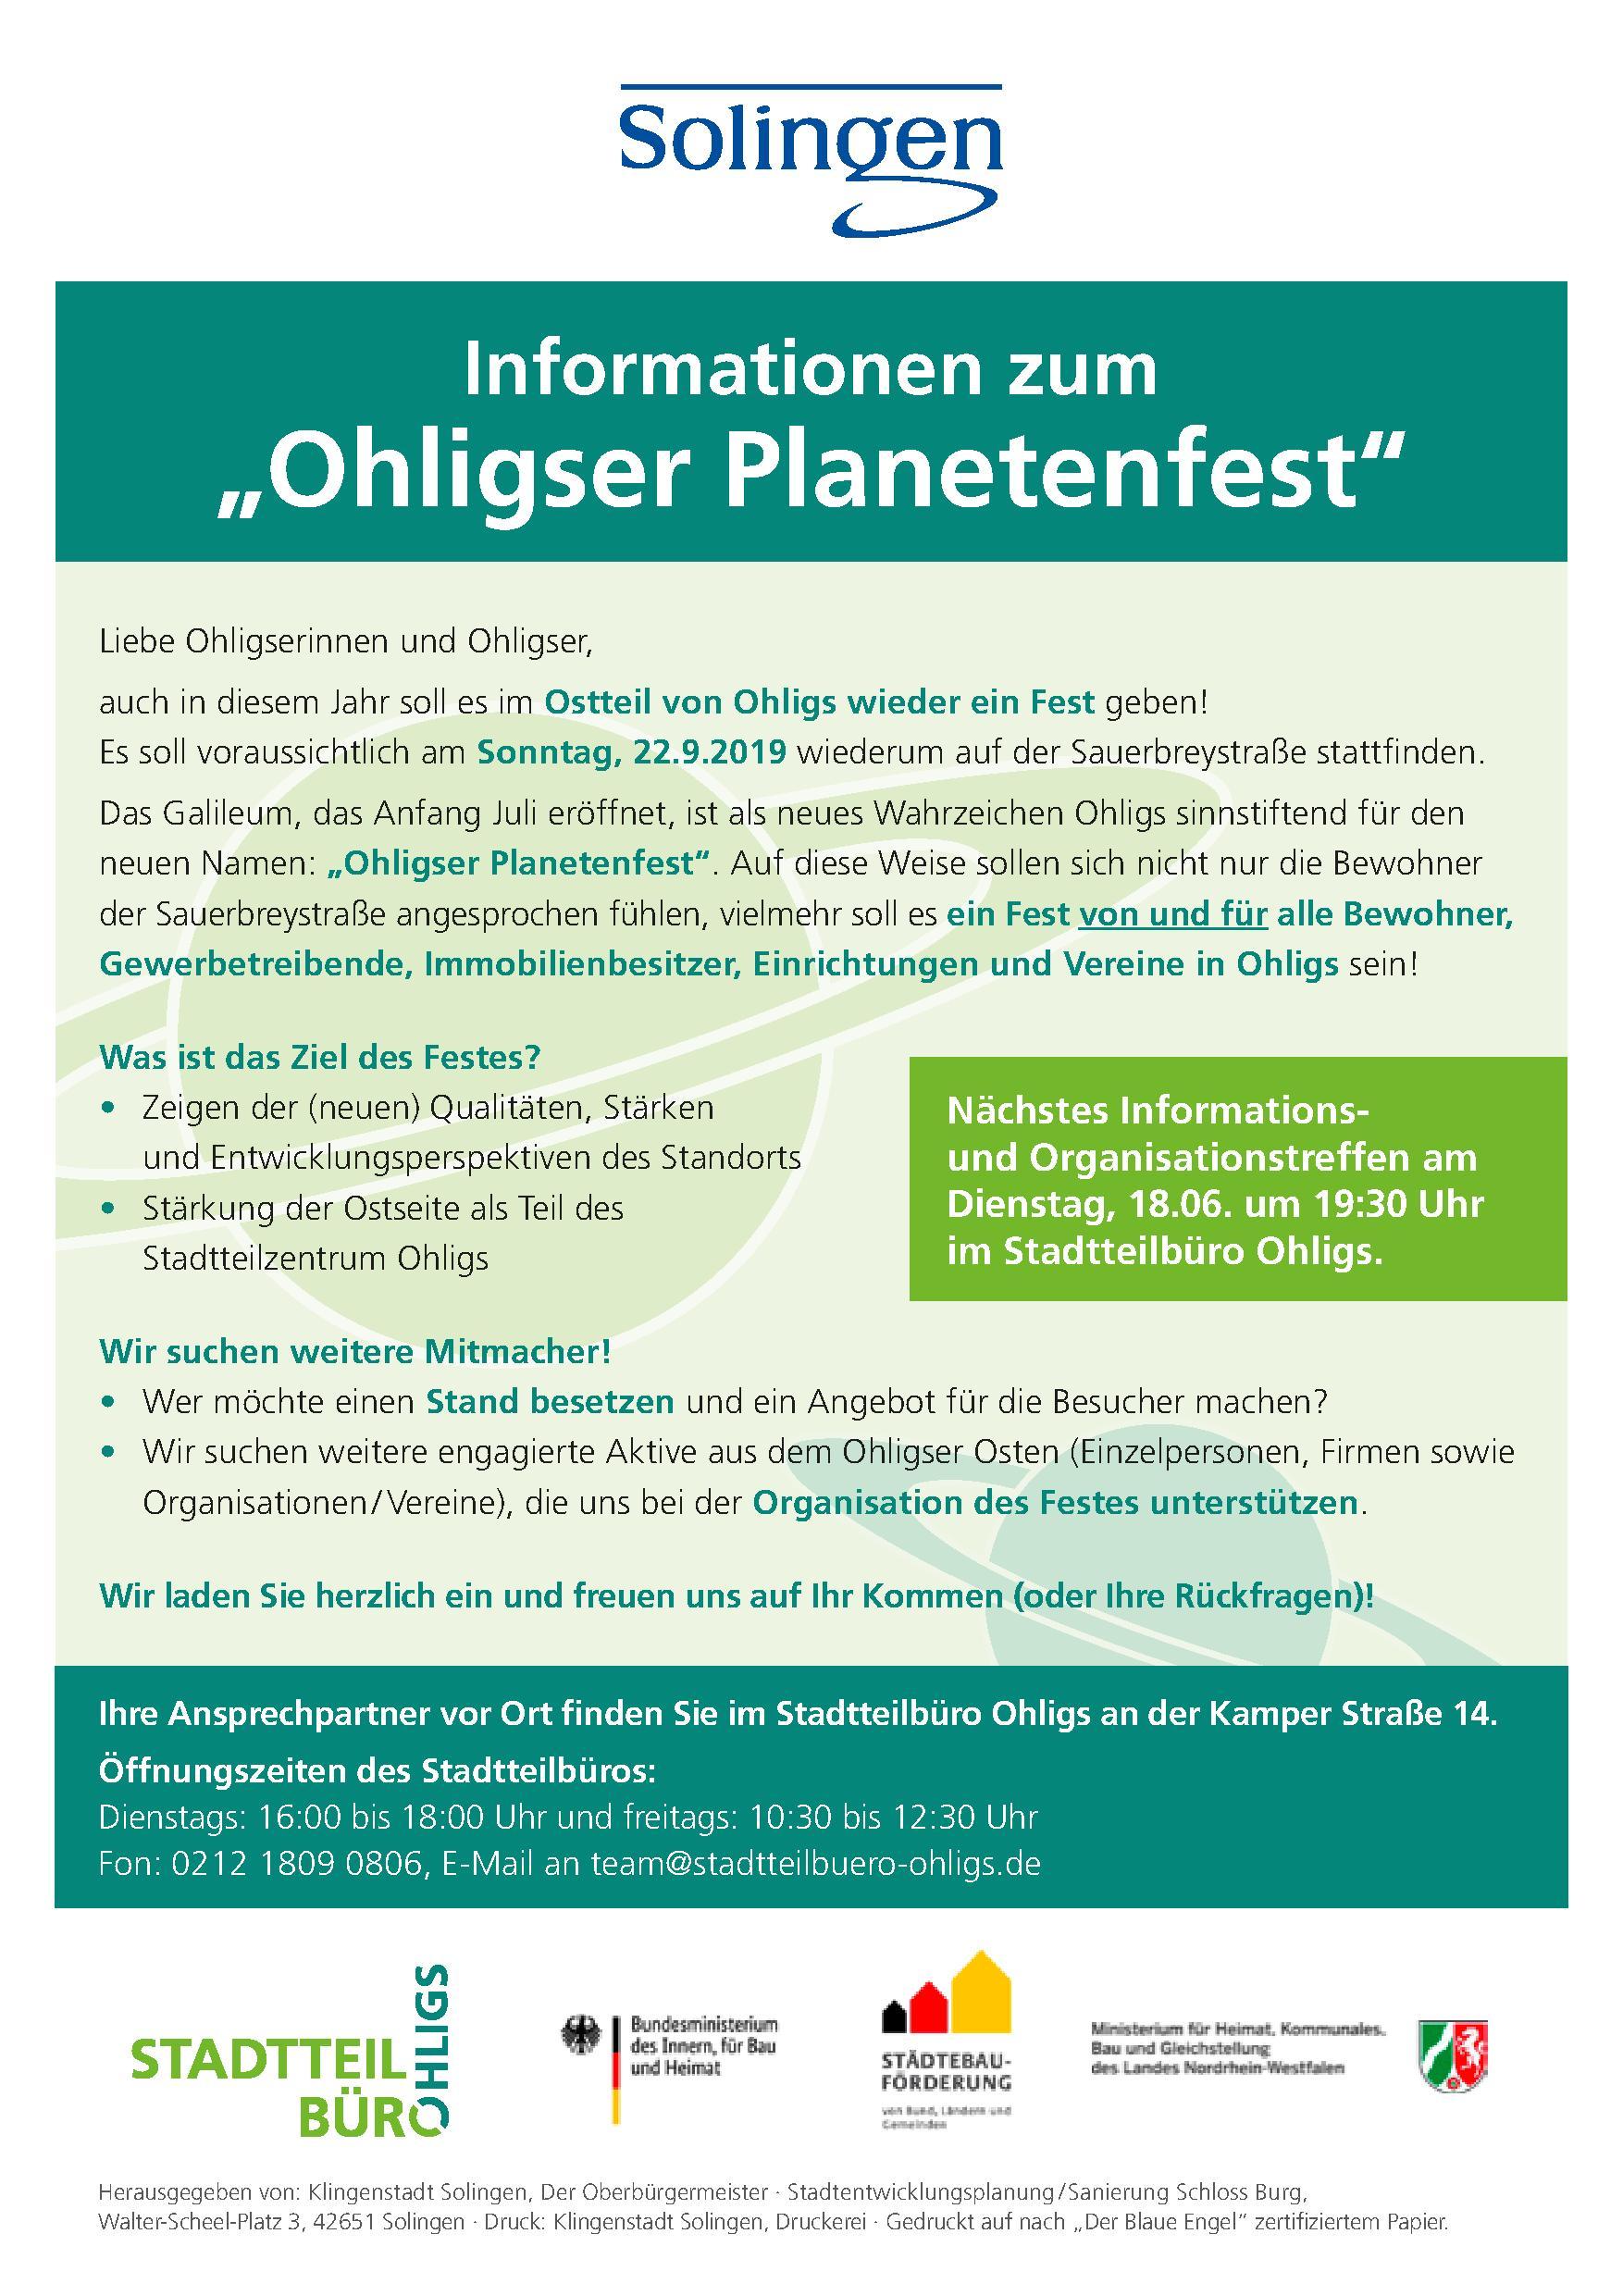 """""""Ohligser Planetenfest"""" – 3. Orga-Treffen am 18.6.19 um 19.30 Uhr im Stadtteilbüro"""